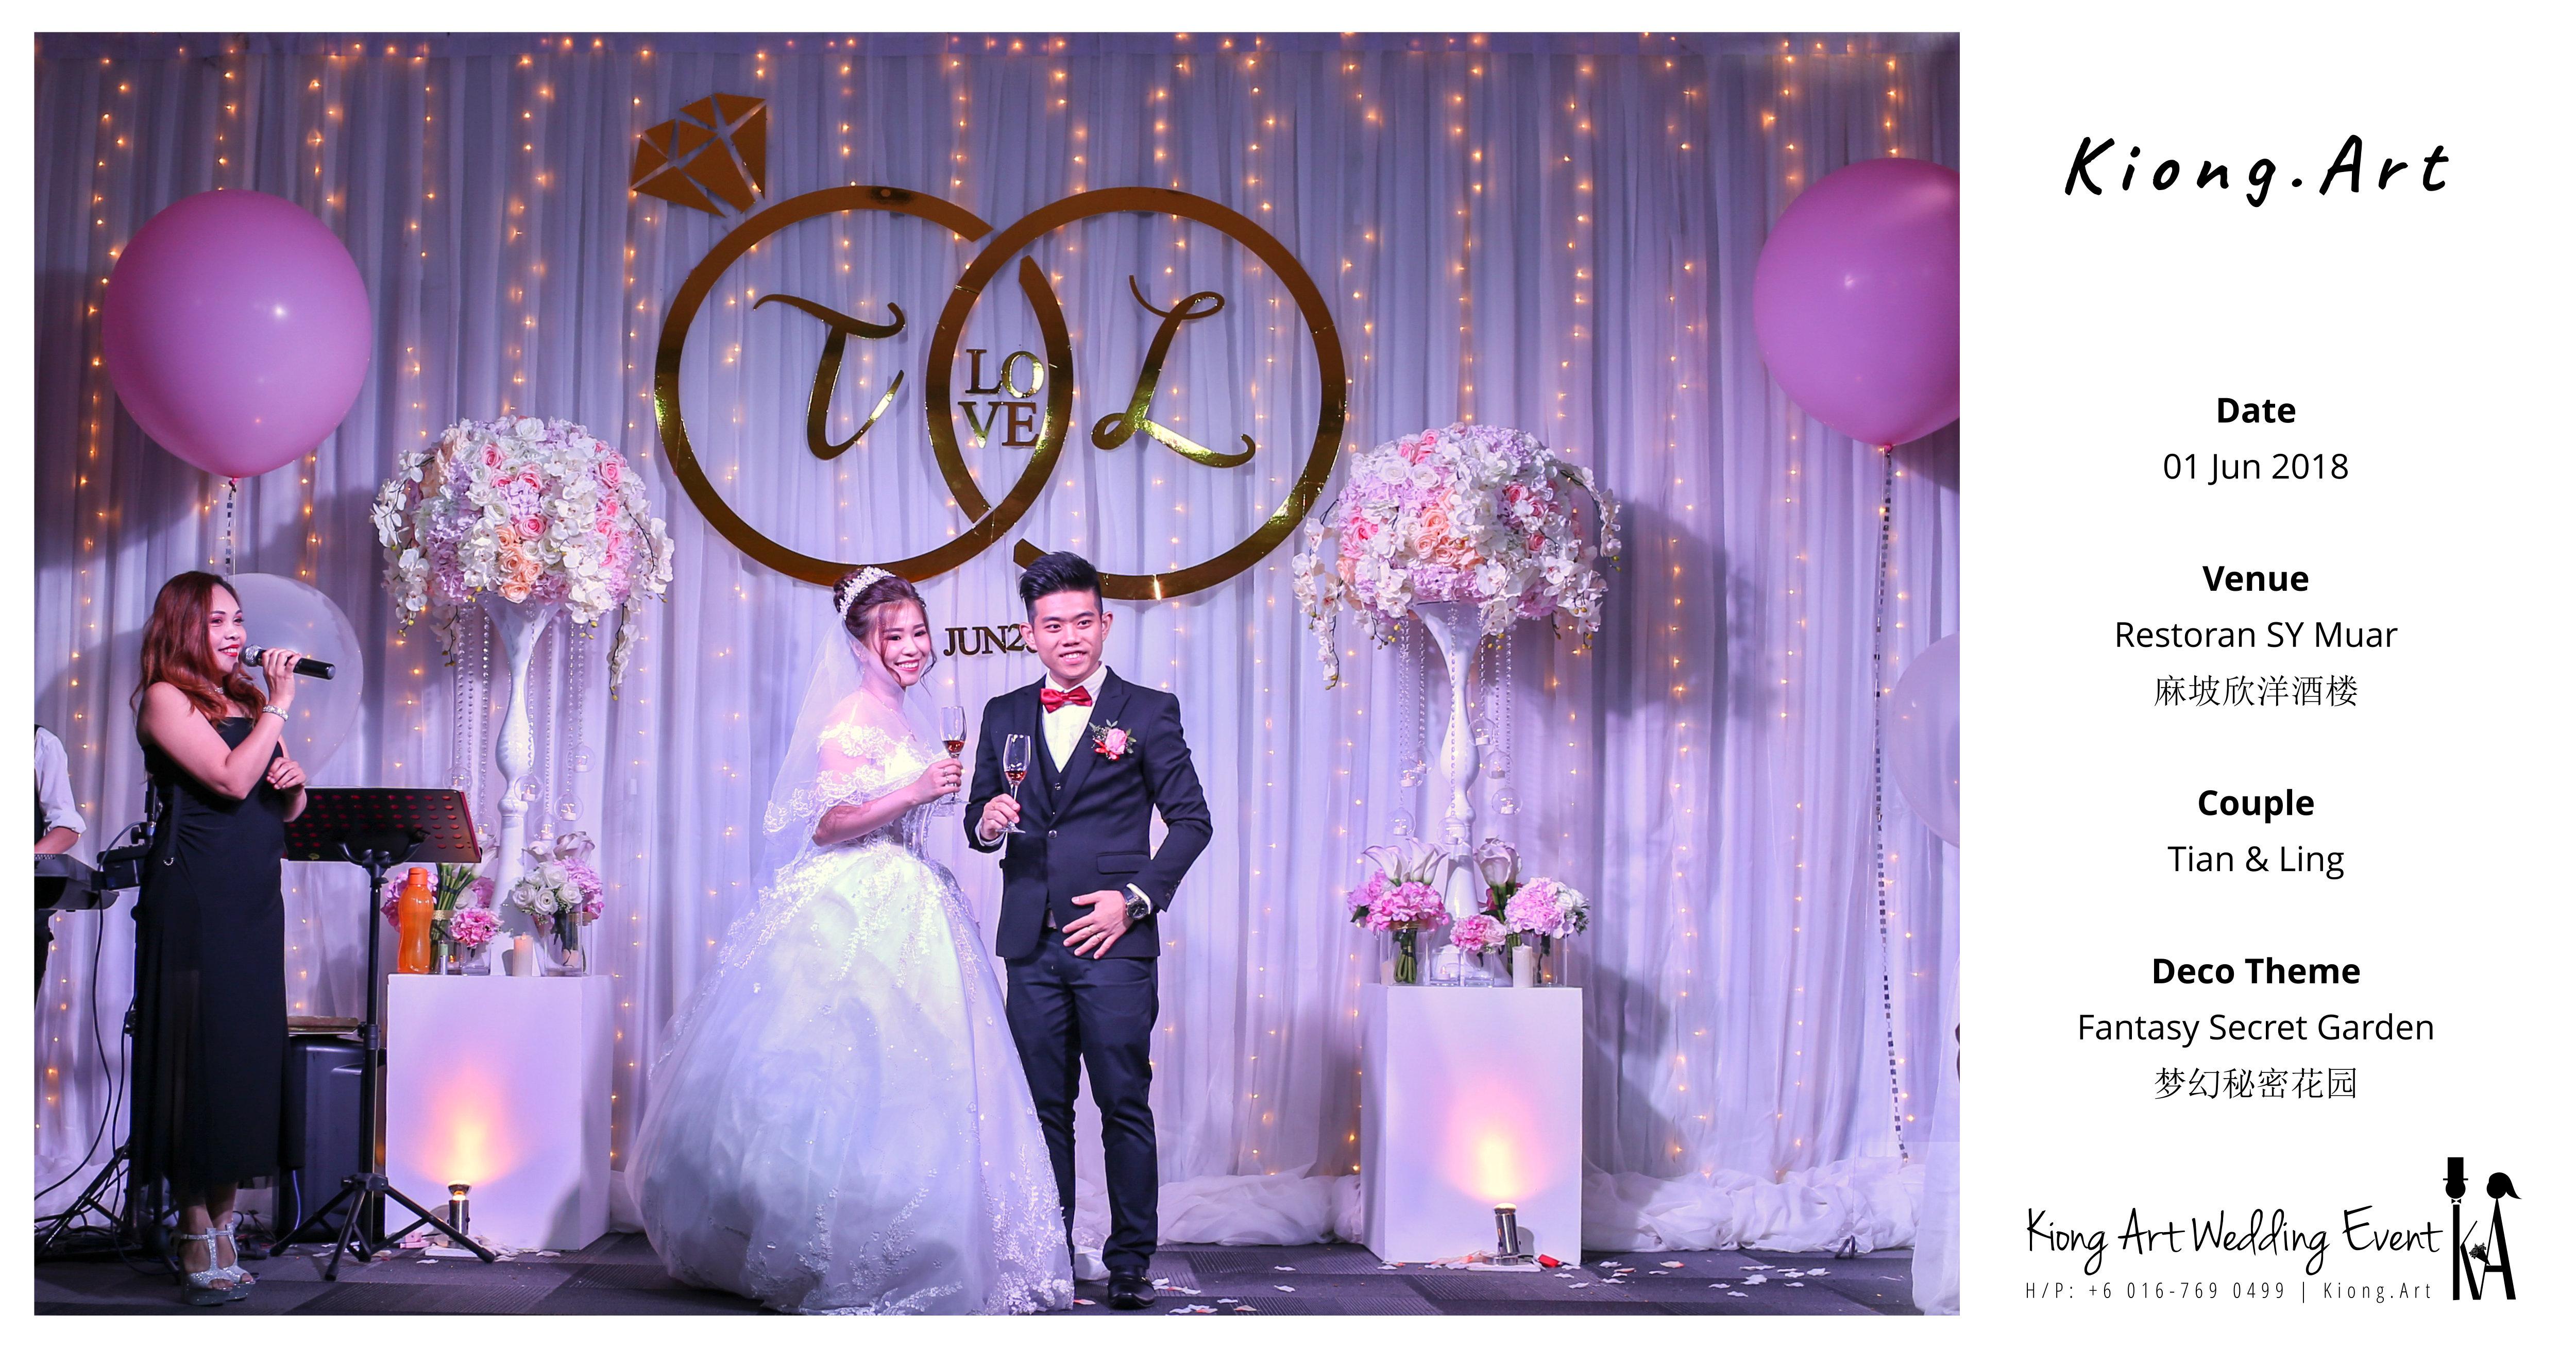 艺术之家一站式婚礼策划 Kiong Art Wedding Event 婚礼 韩式大理石主题 马来西亚活动布置 和 一站式婚礼策划布置公司 婚礼主题布置婚礼现场 Live Band 婚礼司仪 婚礼摄影 婚礼录影 婚礼策划 A03-57